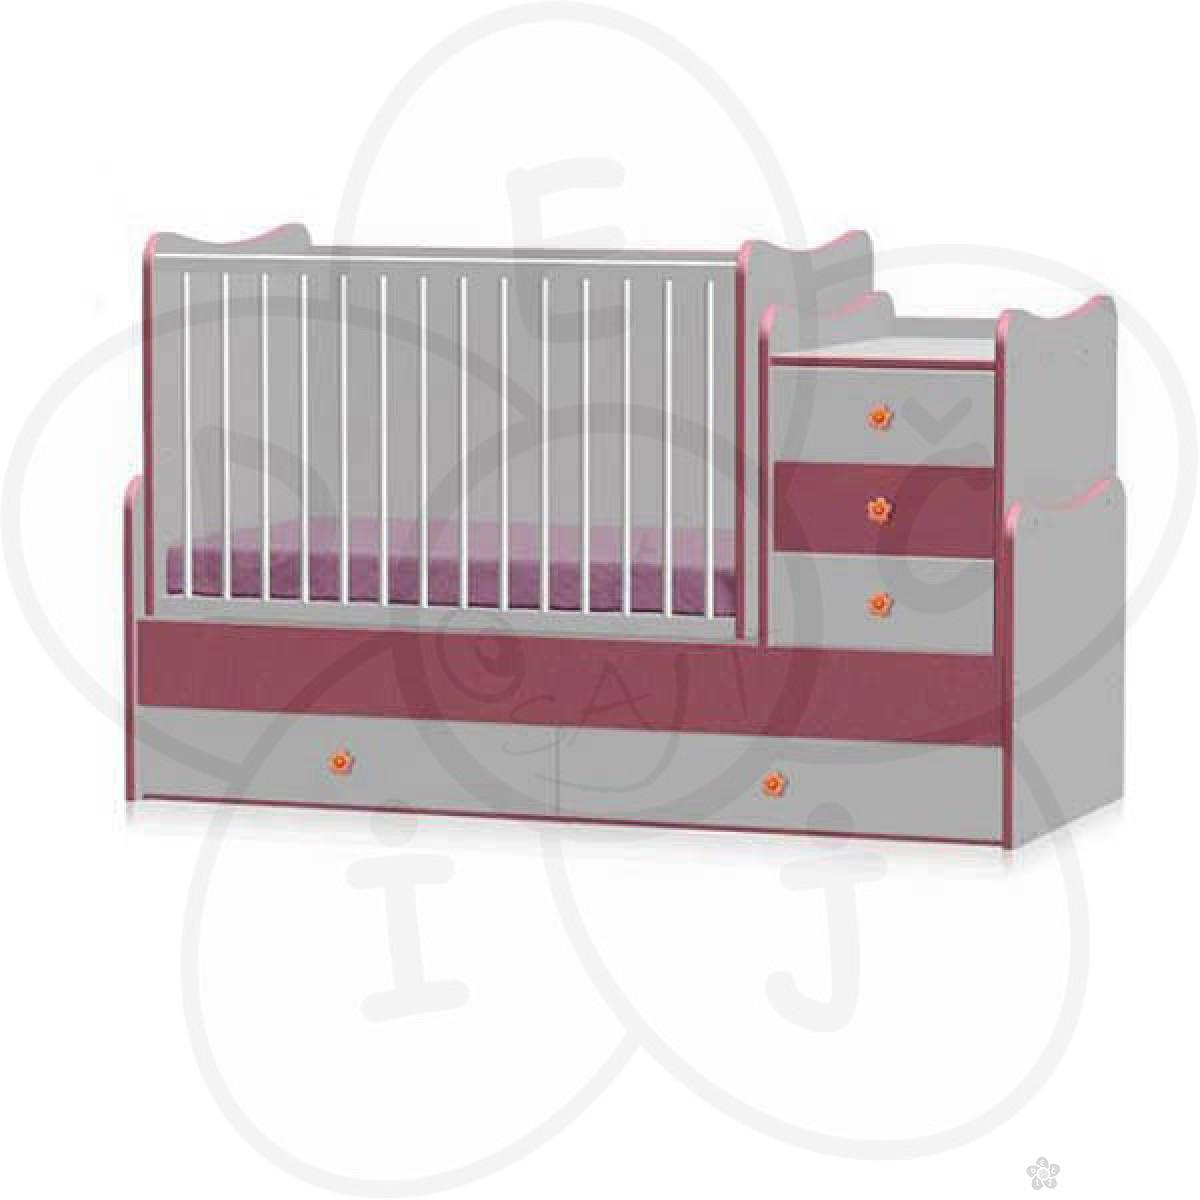 Bretoni Drveni Krevetac Maxi Plus - White - Pink